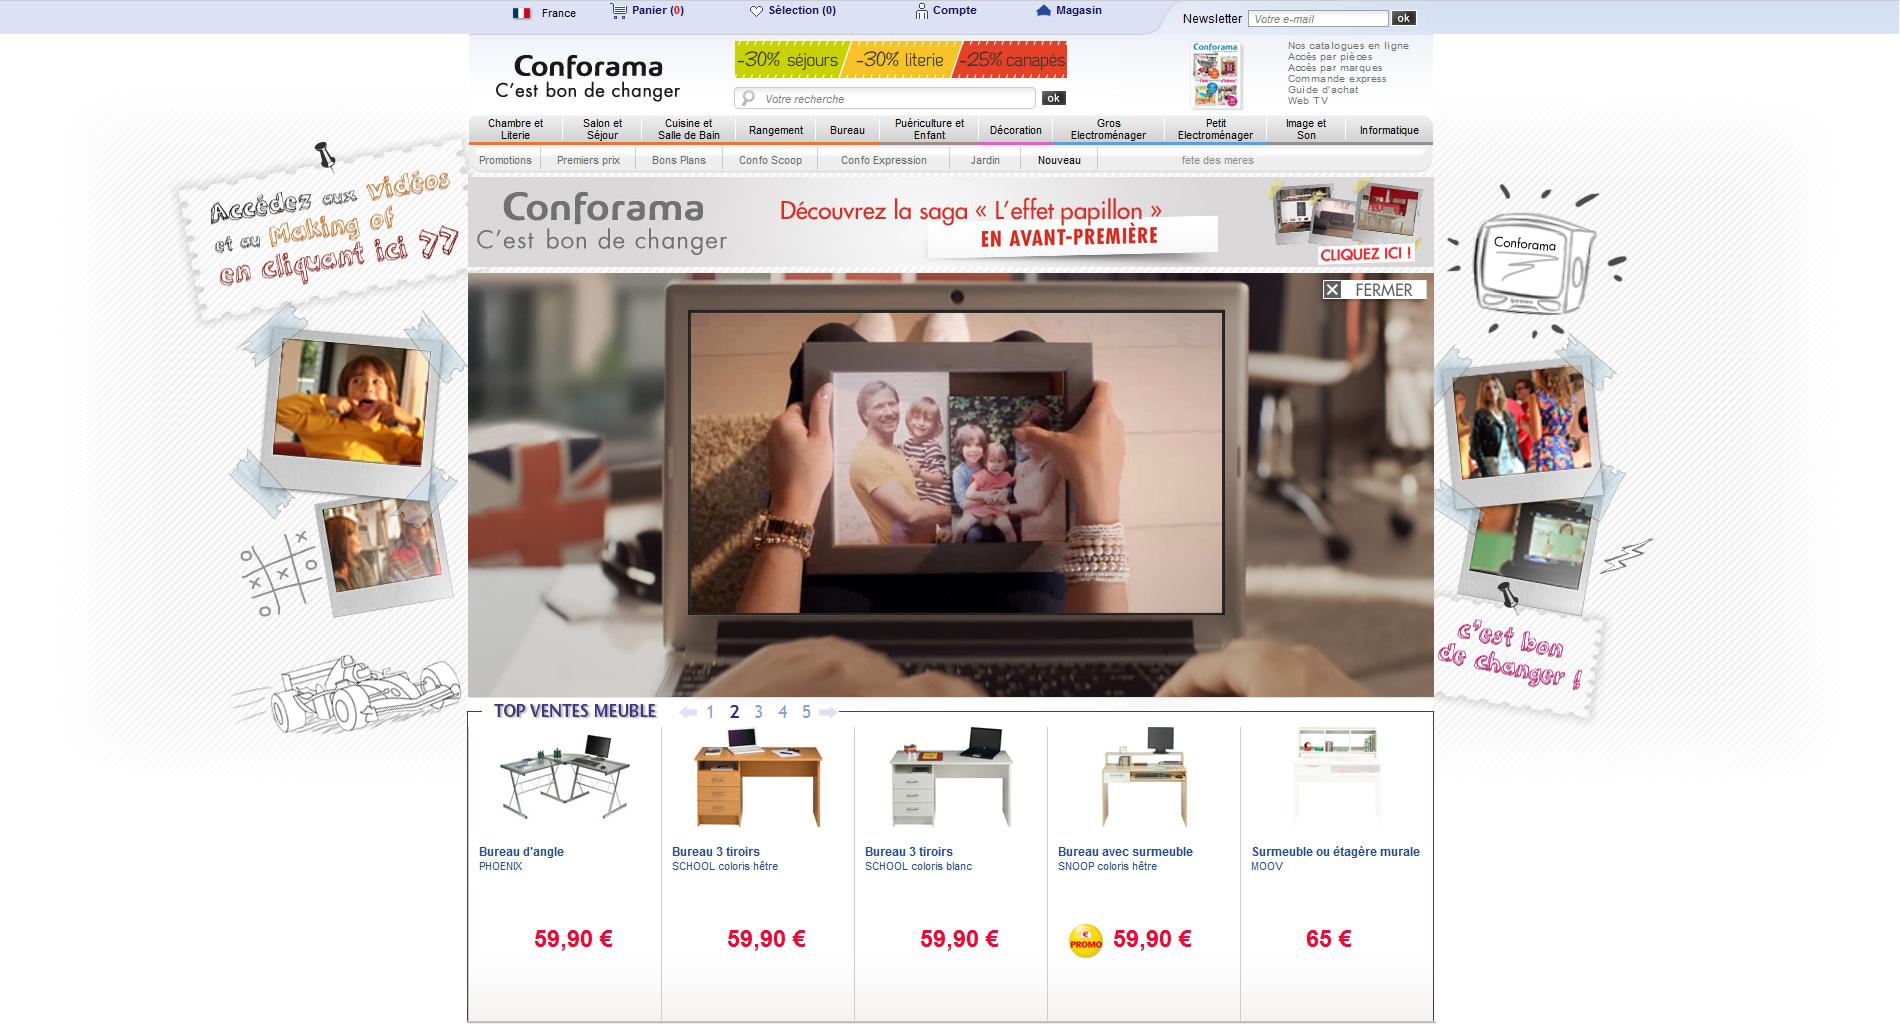 Conforama thomas salerio graphiste freelance sur rouen web